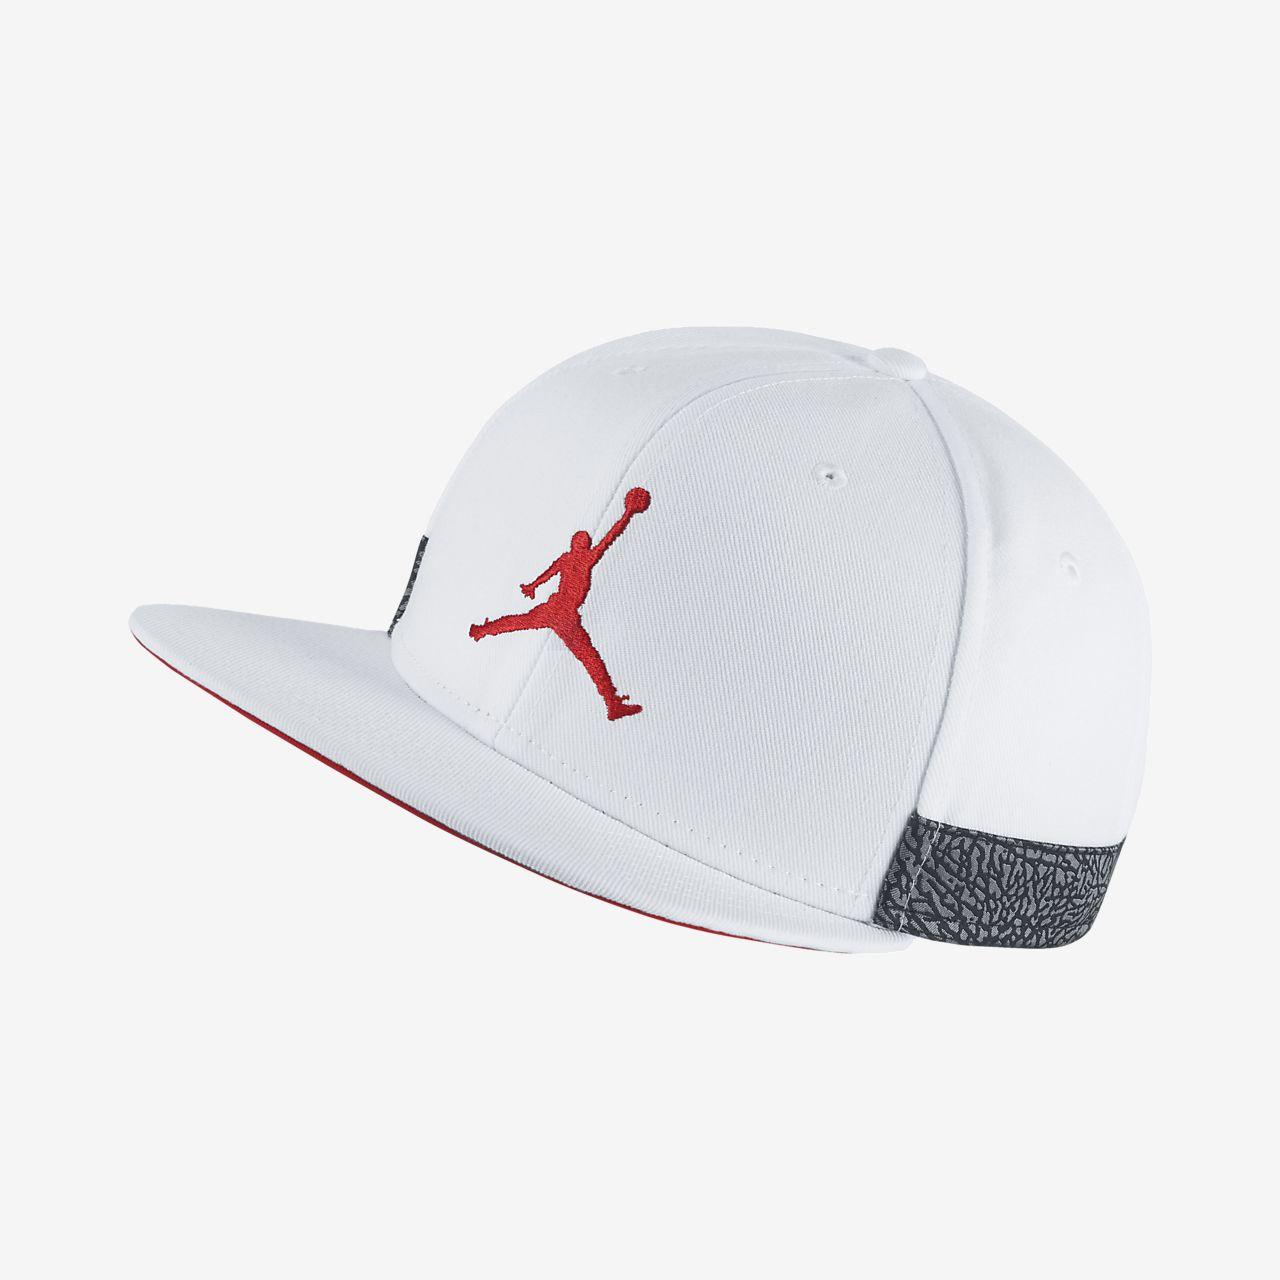 Jordan Jumpman Pro AJ3 可調式帽款